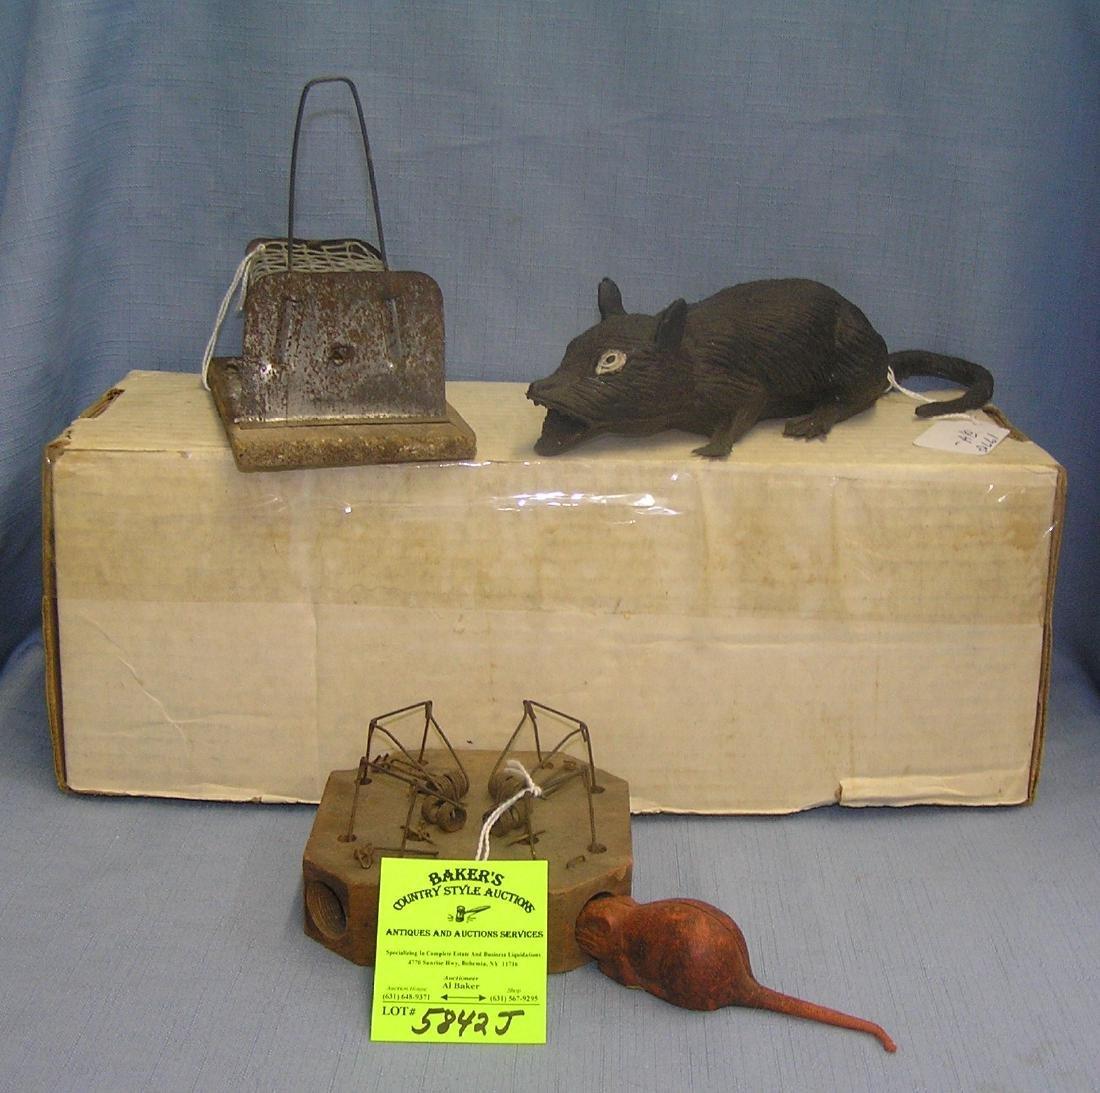 Antique mouse traps, w/ rubber mouse & a rubber rat